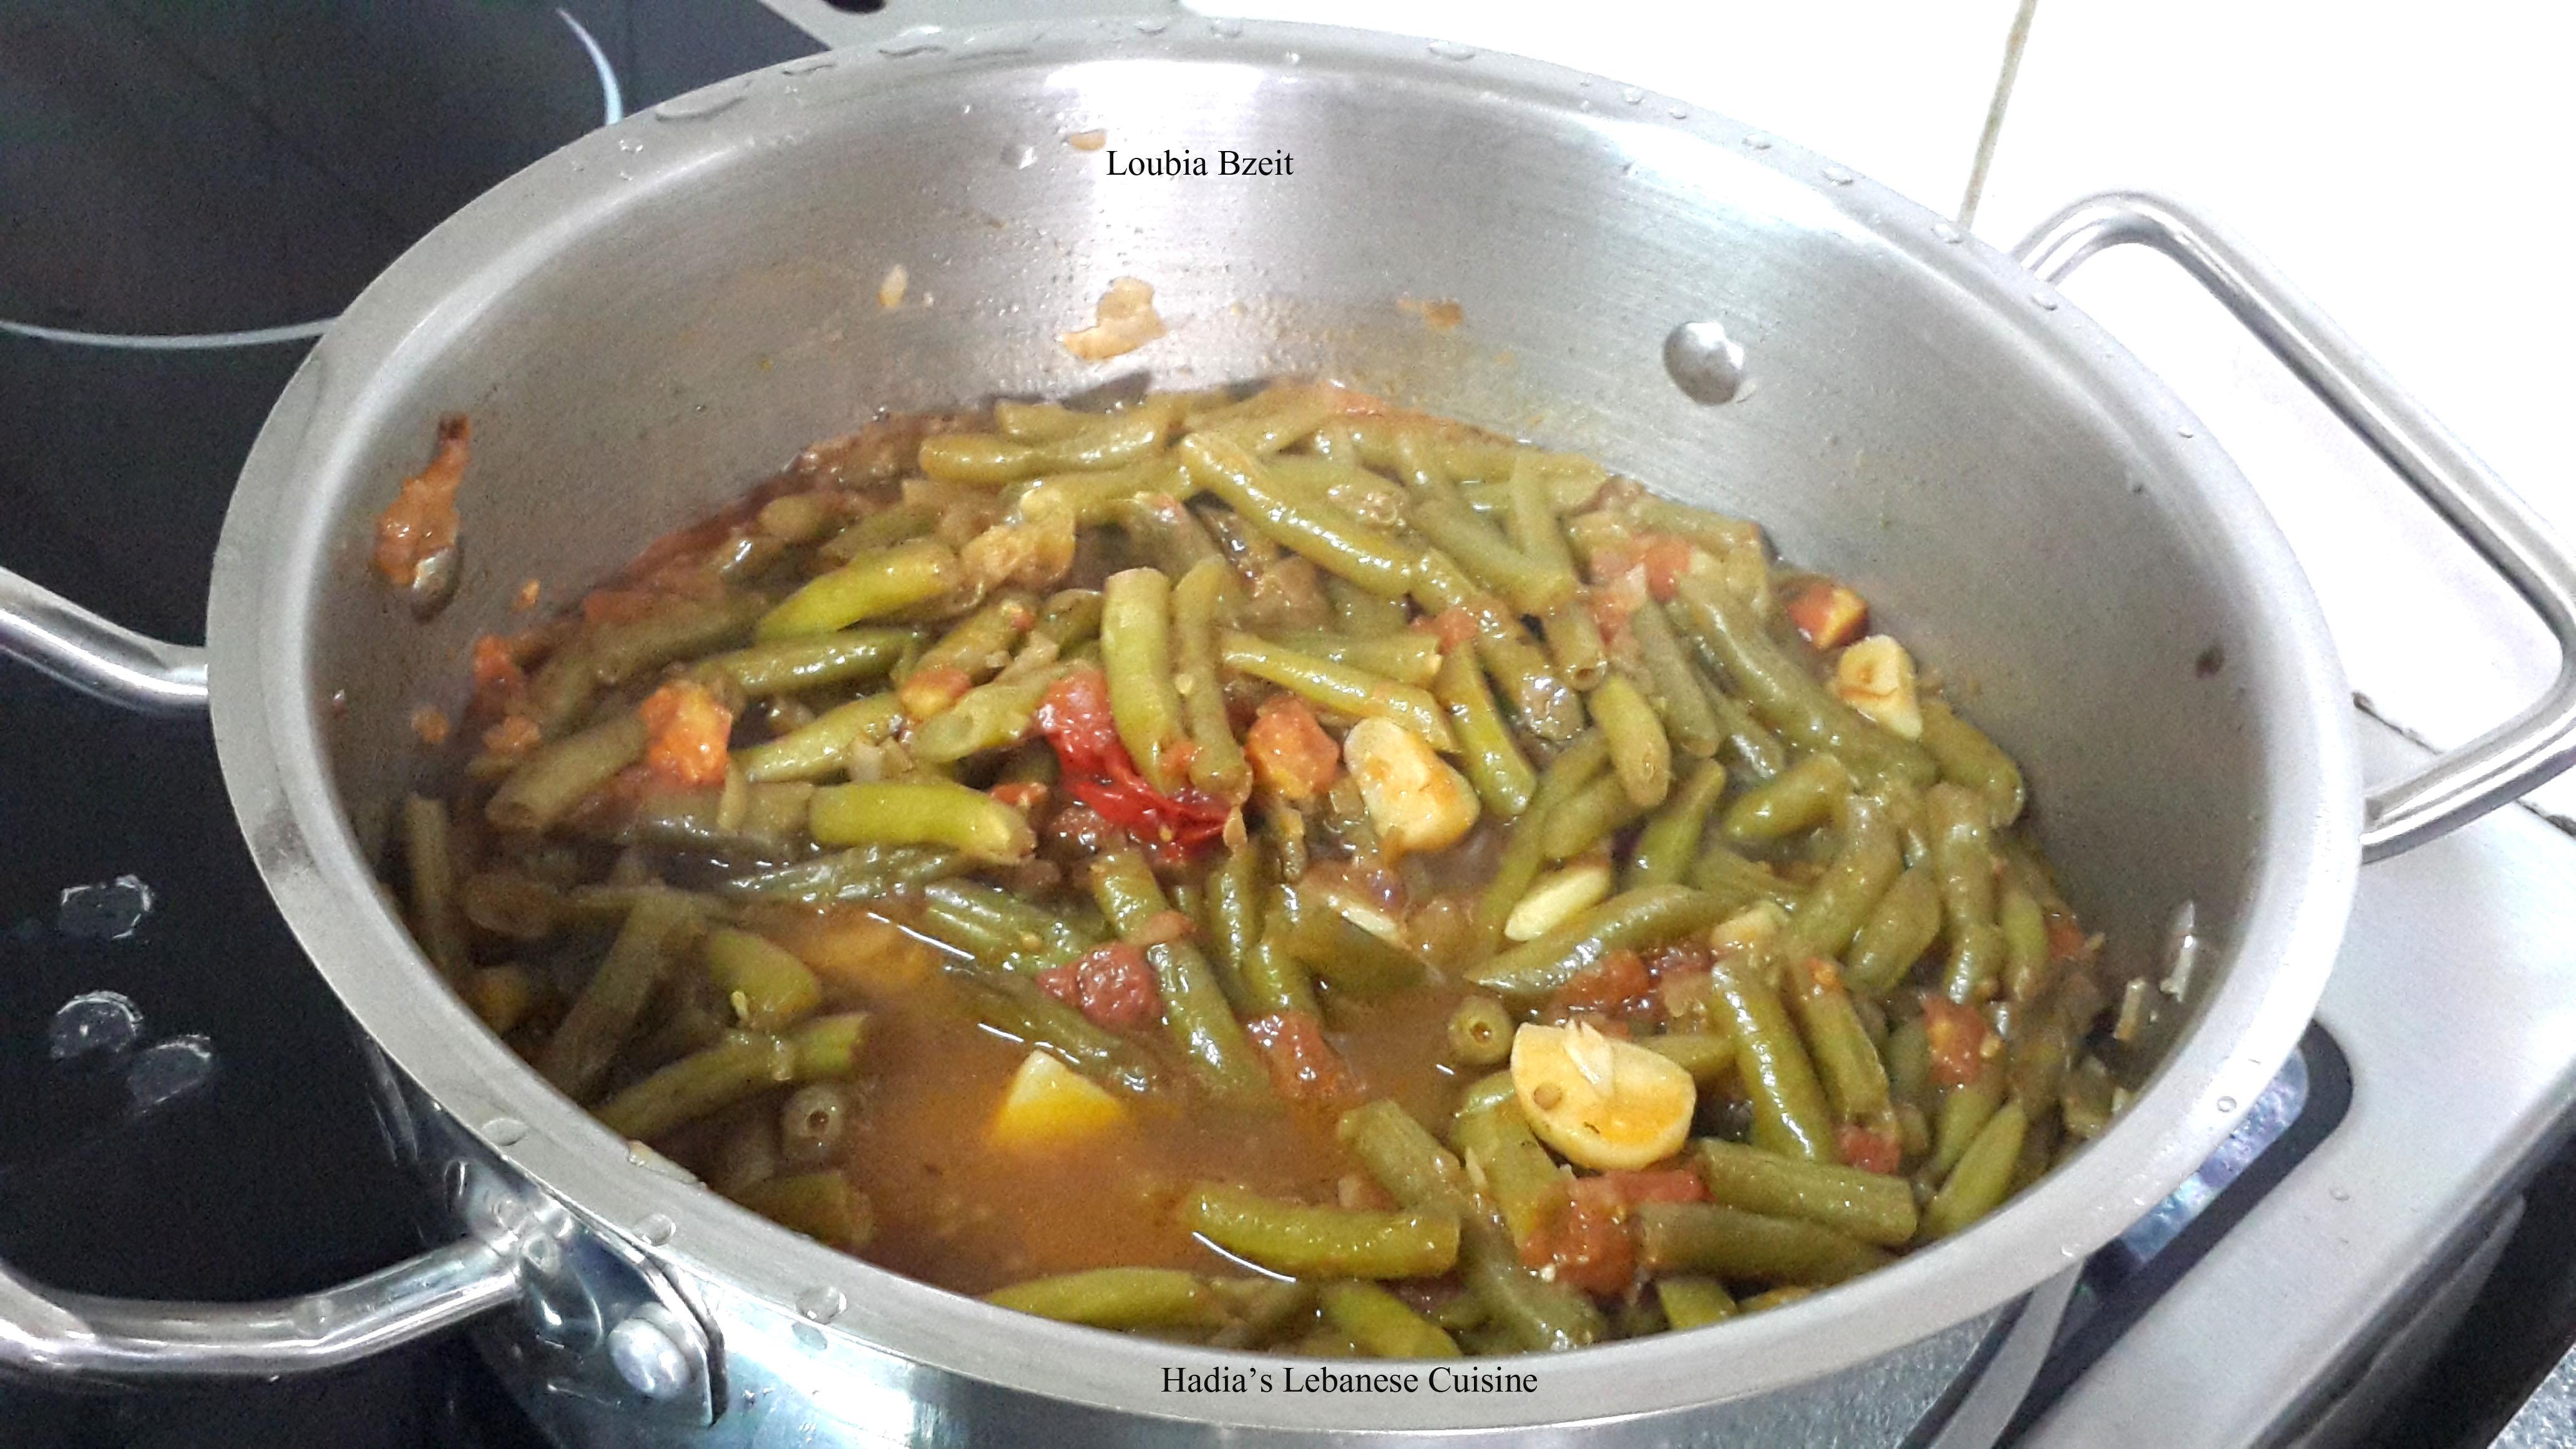 Loubia bzeit lebanese vegetarian green beans hadias - Green vegetarian cuisine ...